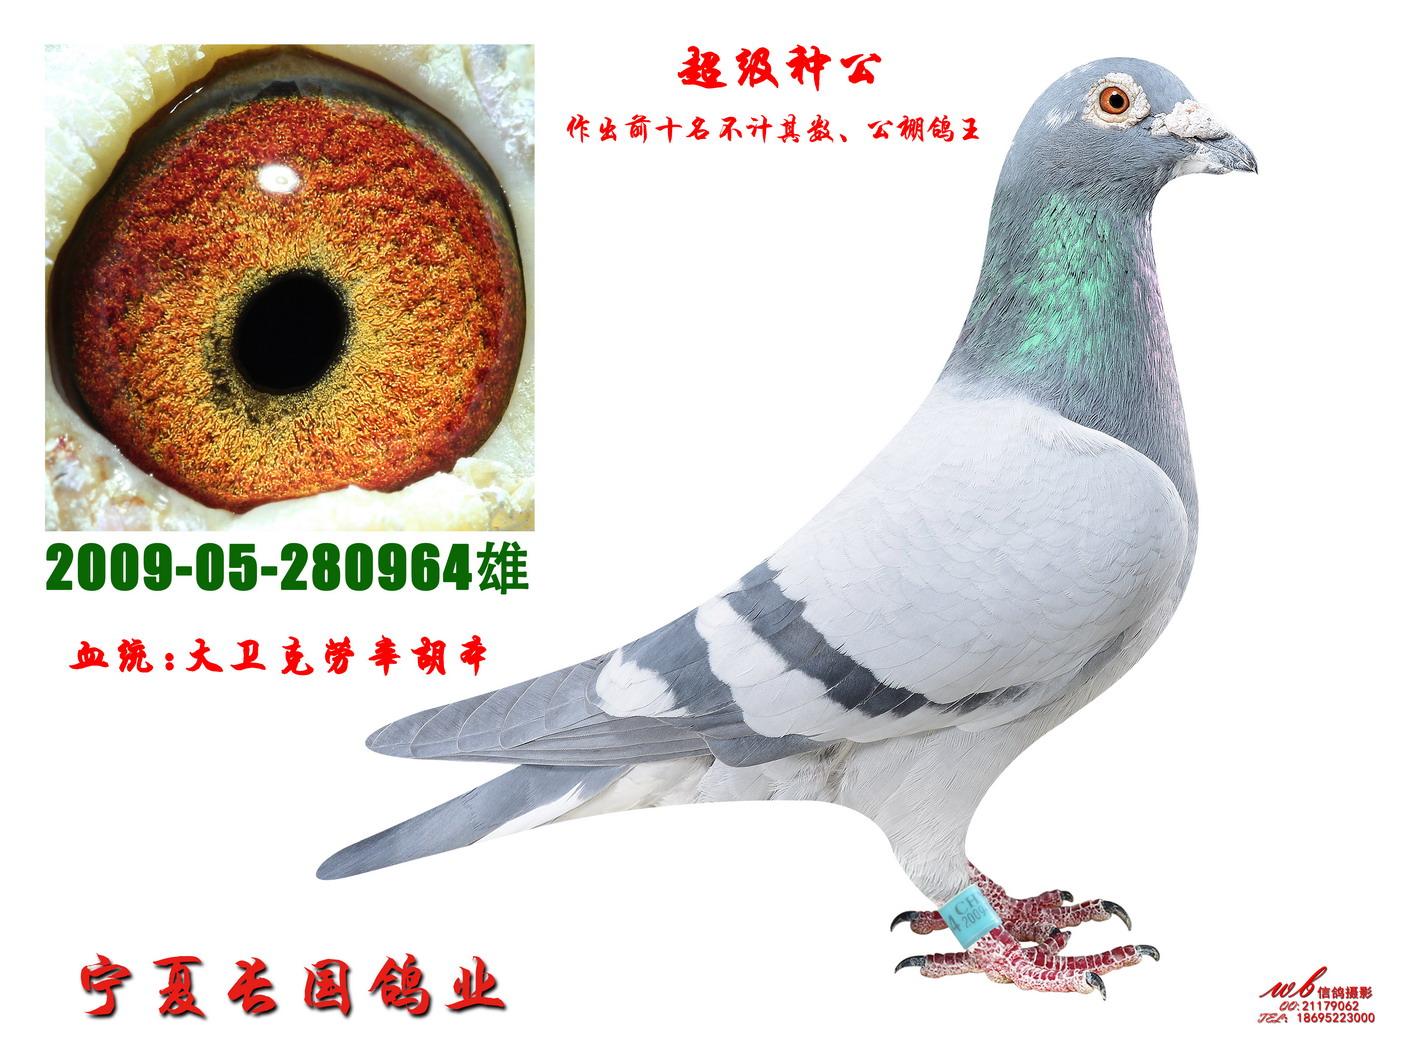 超级种公 宁夏长国鸽业图片